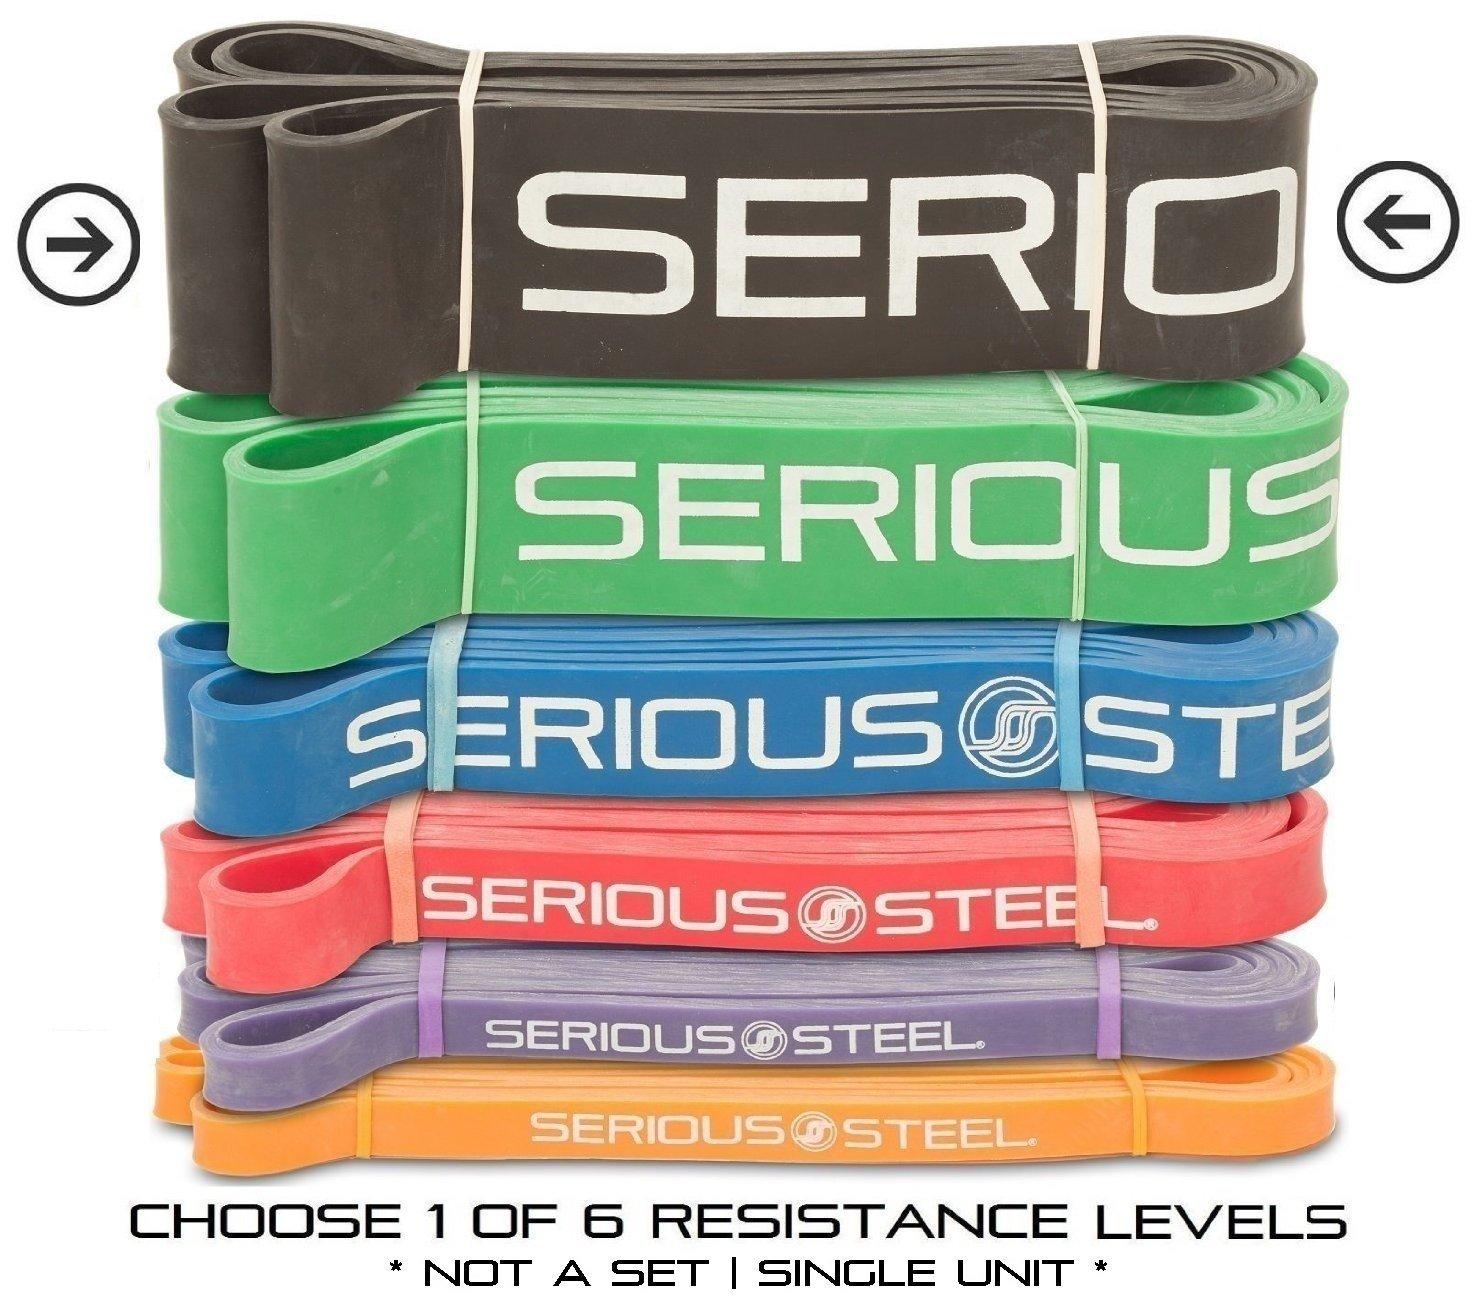 早割クーポン! Serious Steel (シリアススチール) フィットネスチューブ エクササイズバンド B00KLMU1YC トレーニングチューブ ゴムチューブ スーパーハード ゴムチューブ 筋力トレーニング Steel 天然ゴム 6段階負荷 B00KLMU1YC ブラック(Single) ブラック(Single), Tool Net SSB:fe3212a6 --- arianechie.dominiotemporario.com